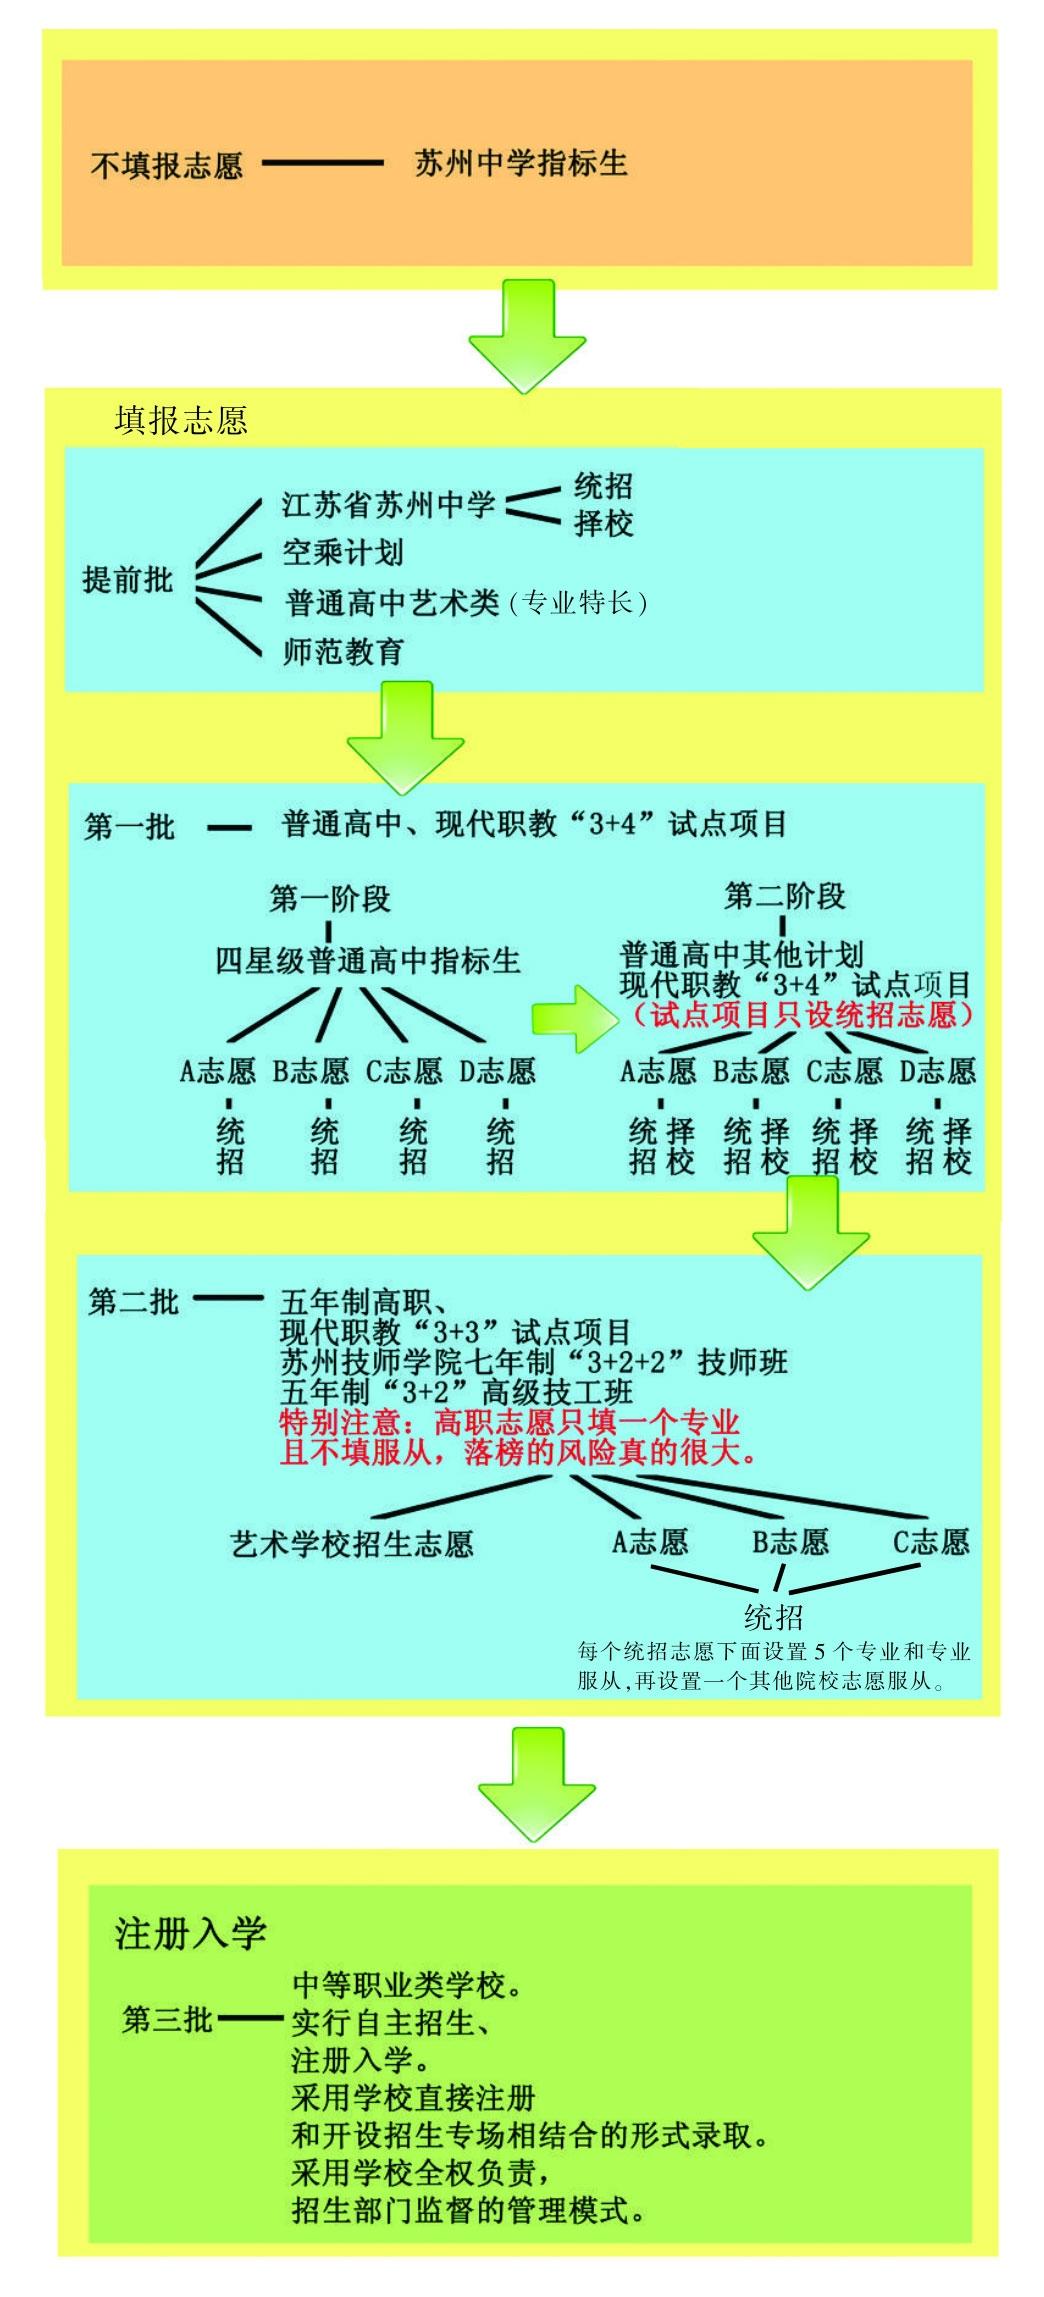 中考中招考生志愿填报系统|2014苏州中考中招志愿填报流程图变化